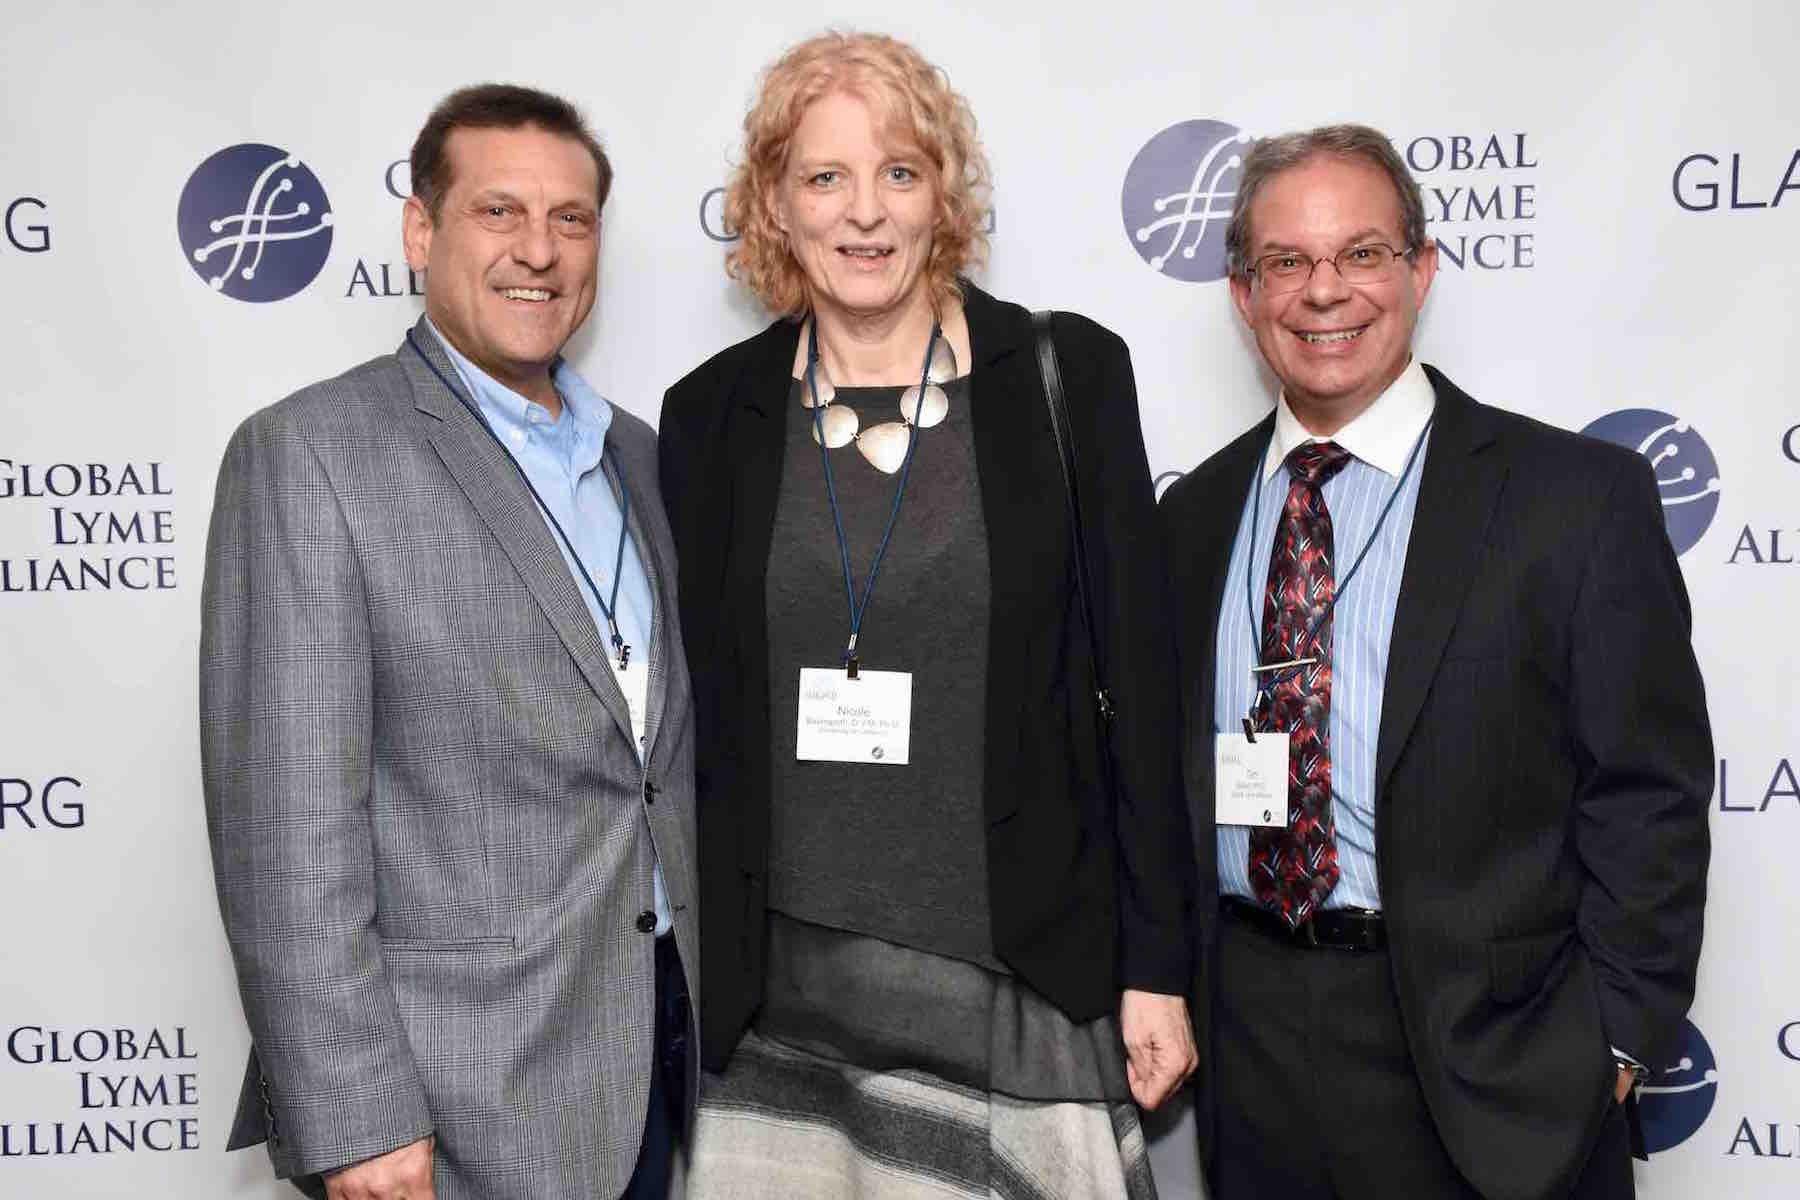 GLA CEO Scott Santarella, GLA grantee Dr. Nicole Baumgarth, GLA CSO Dr. Timothy Sellati